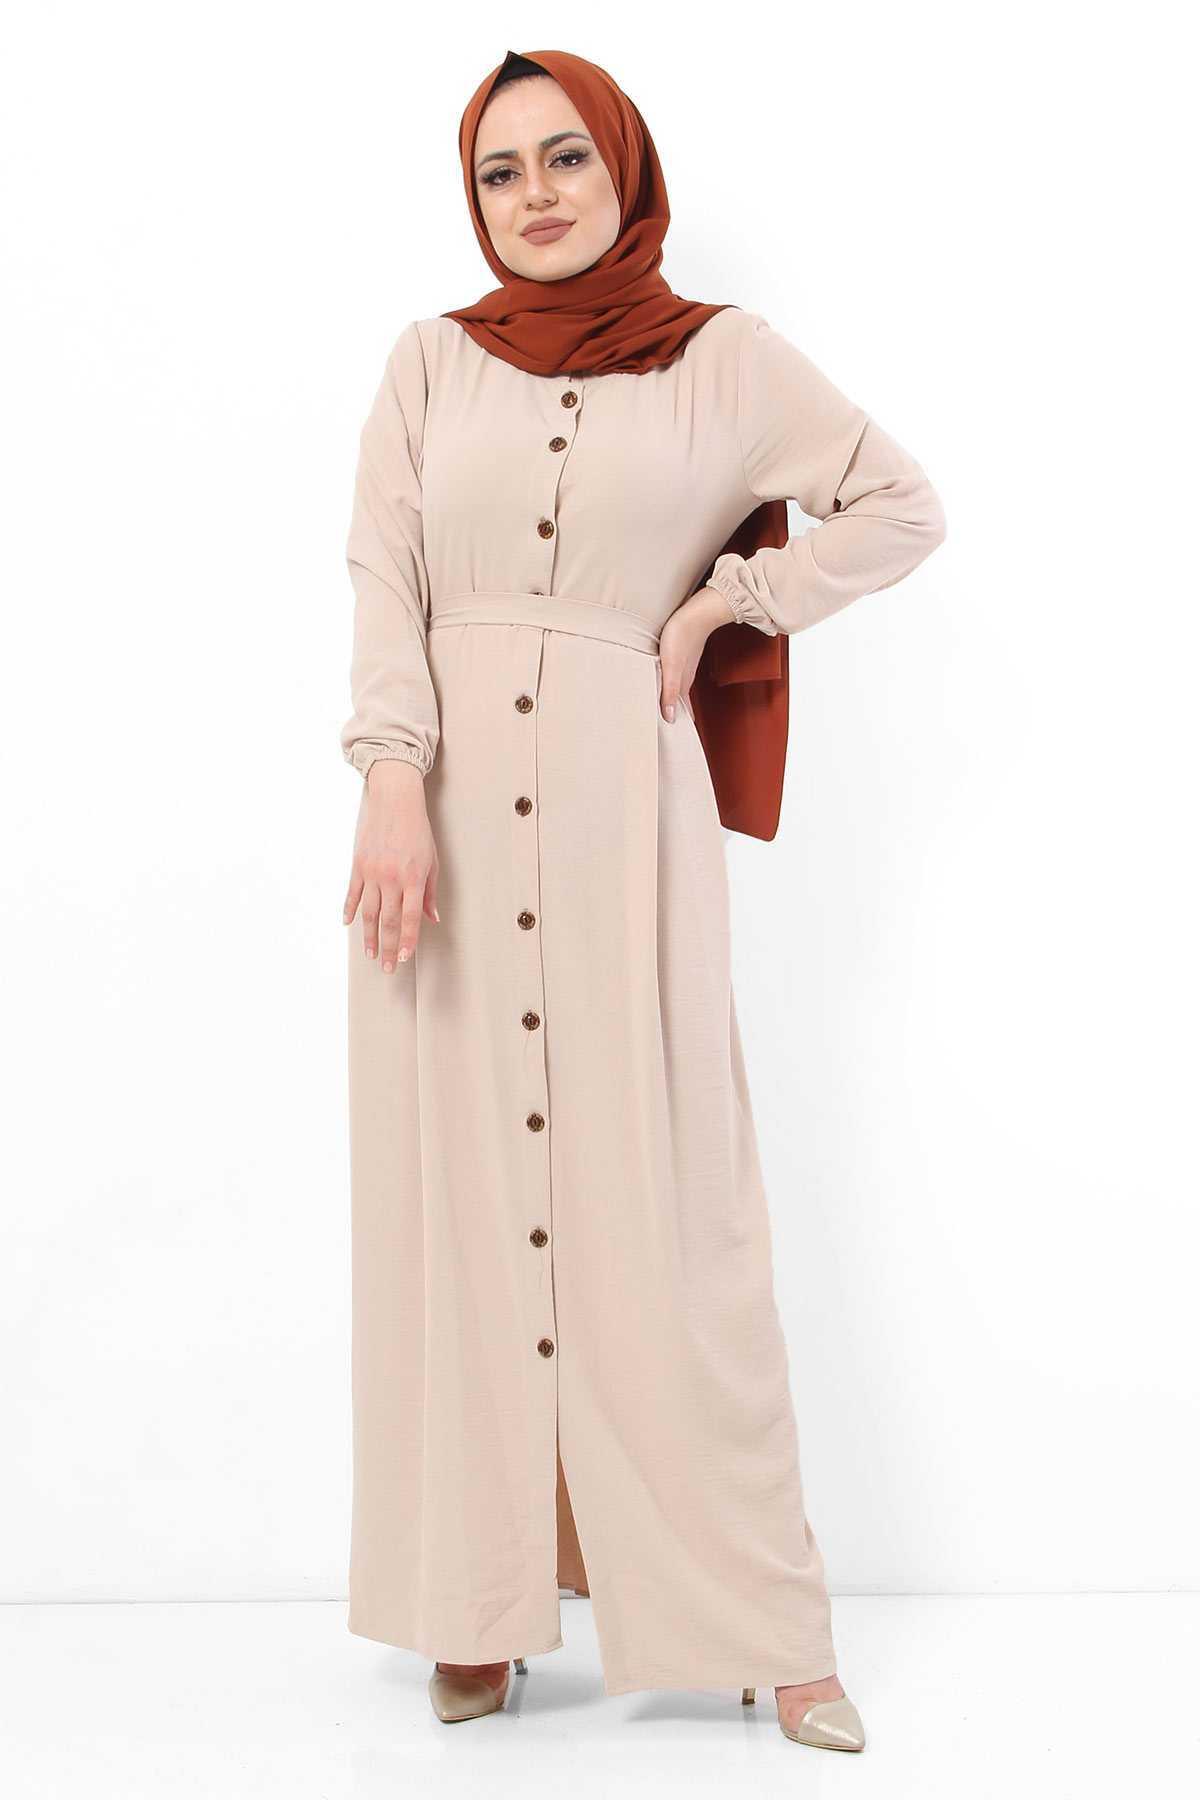 Tesettür Dünyası Ayrobin Elbise Modelleri